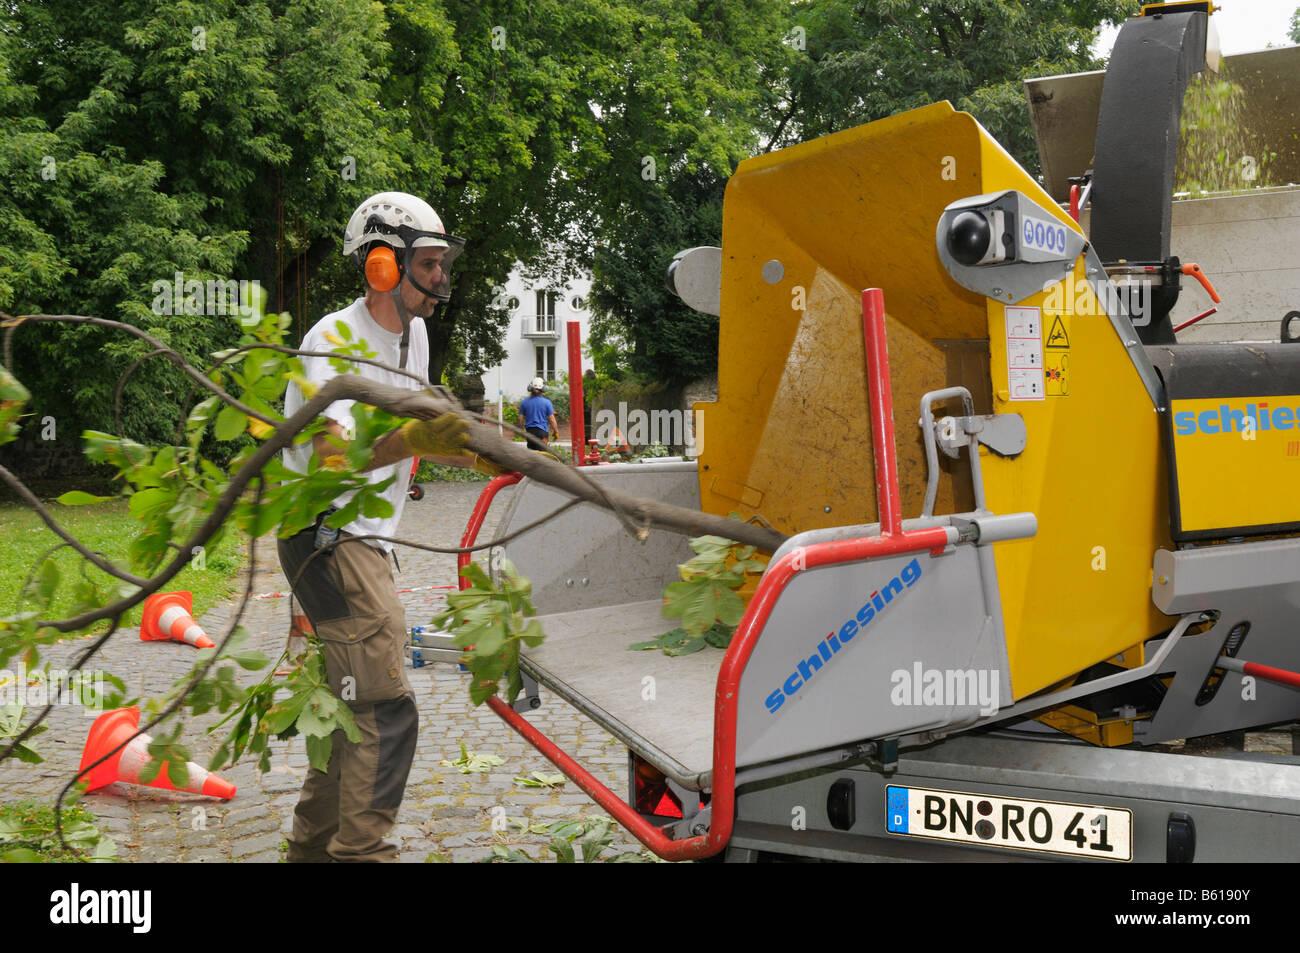 Baumpfleger tragen von Sicherheitskleidung schob eine Verzweigung in einen Schredder Stockbild